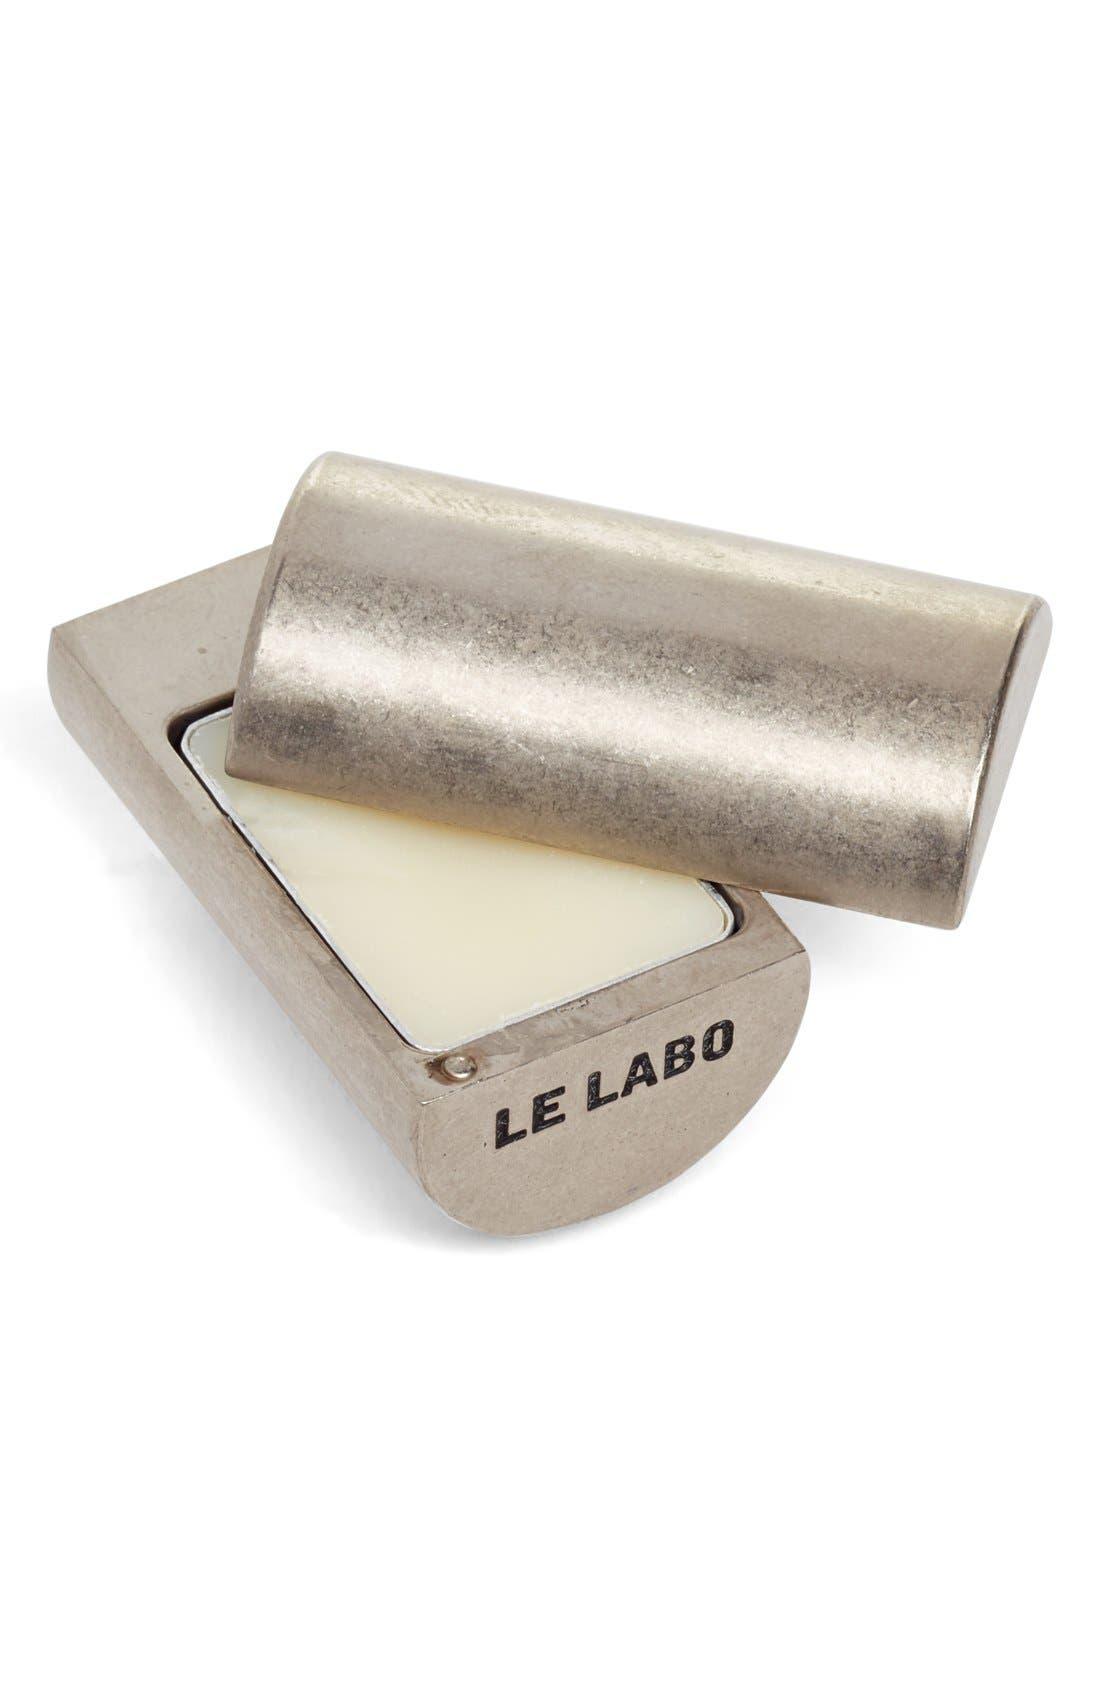 Le Labo 'Thé Noir 29' Solid Perfume